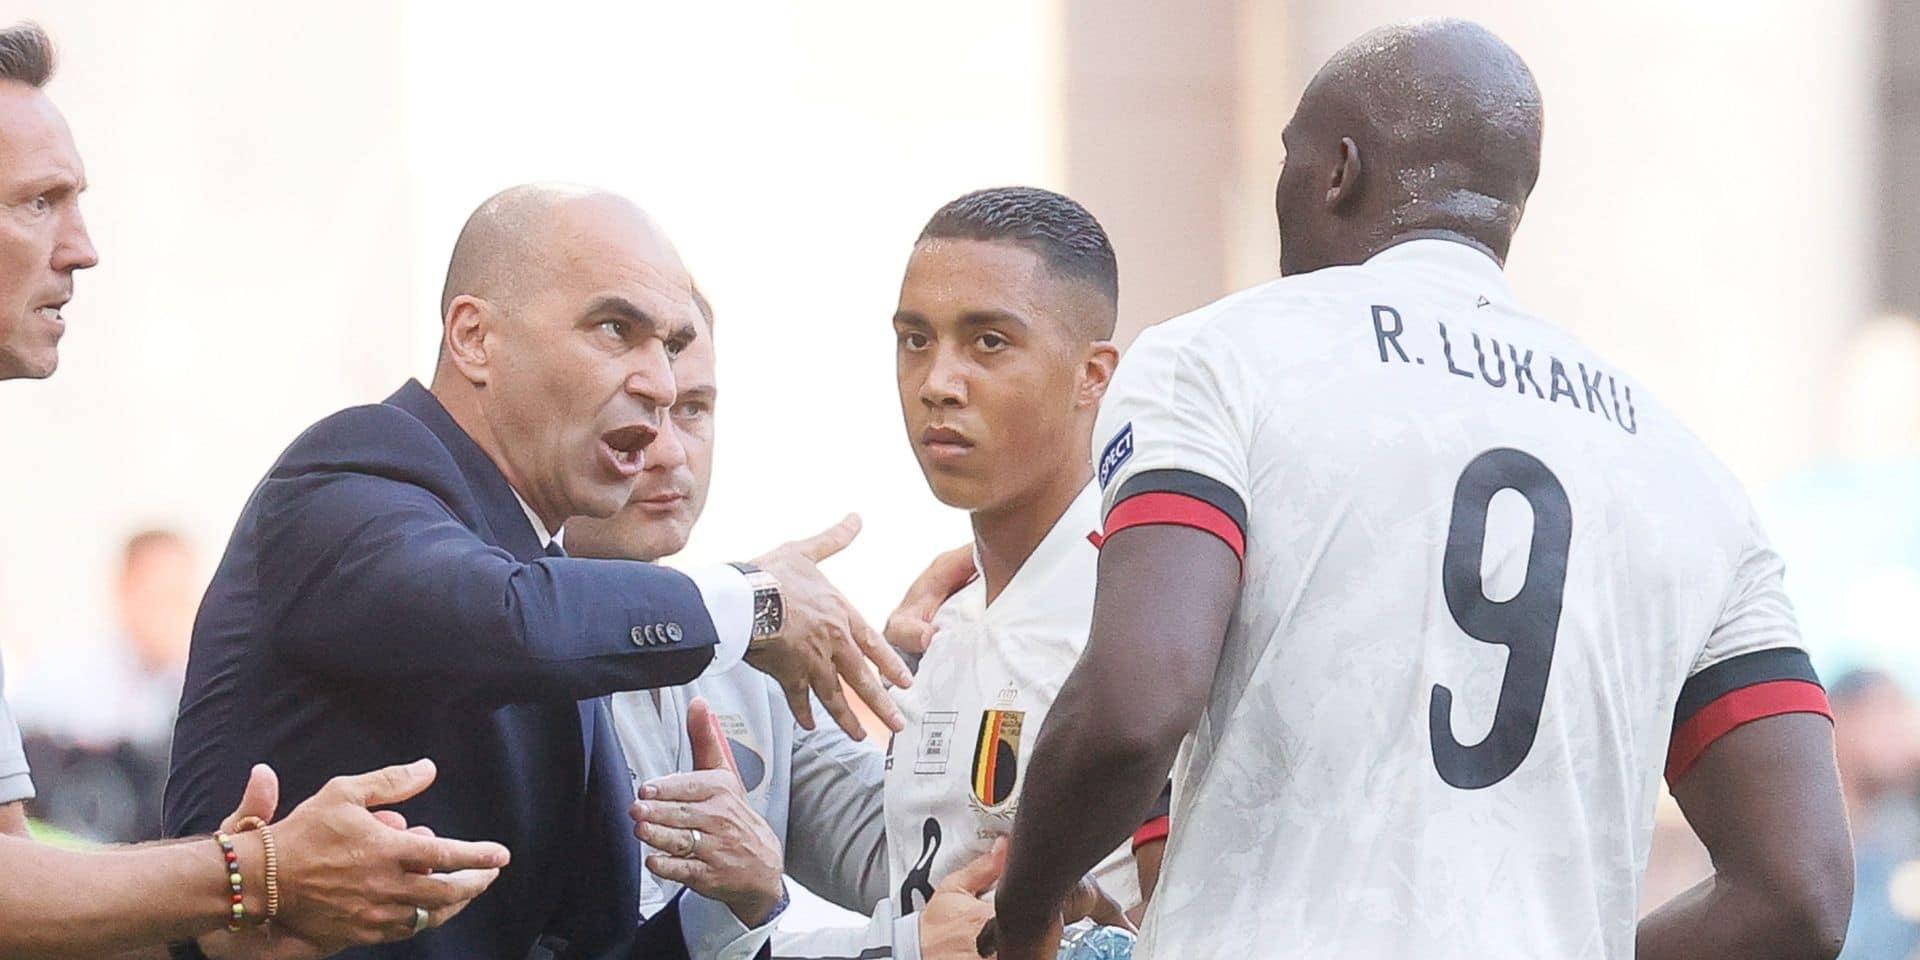 Le coup tactique de Martinez qui a permis à Lukaku de briller et aux Diables rouges de respirer